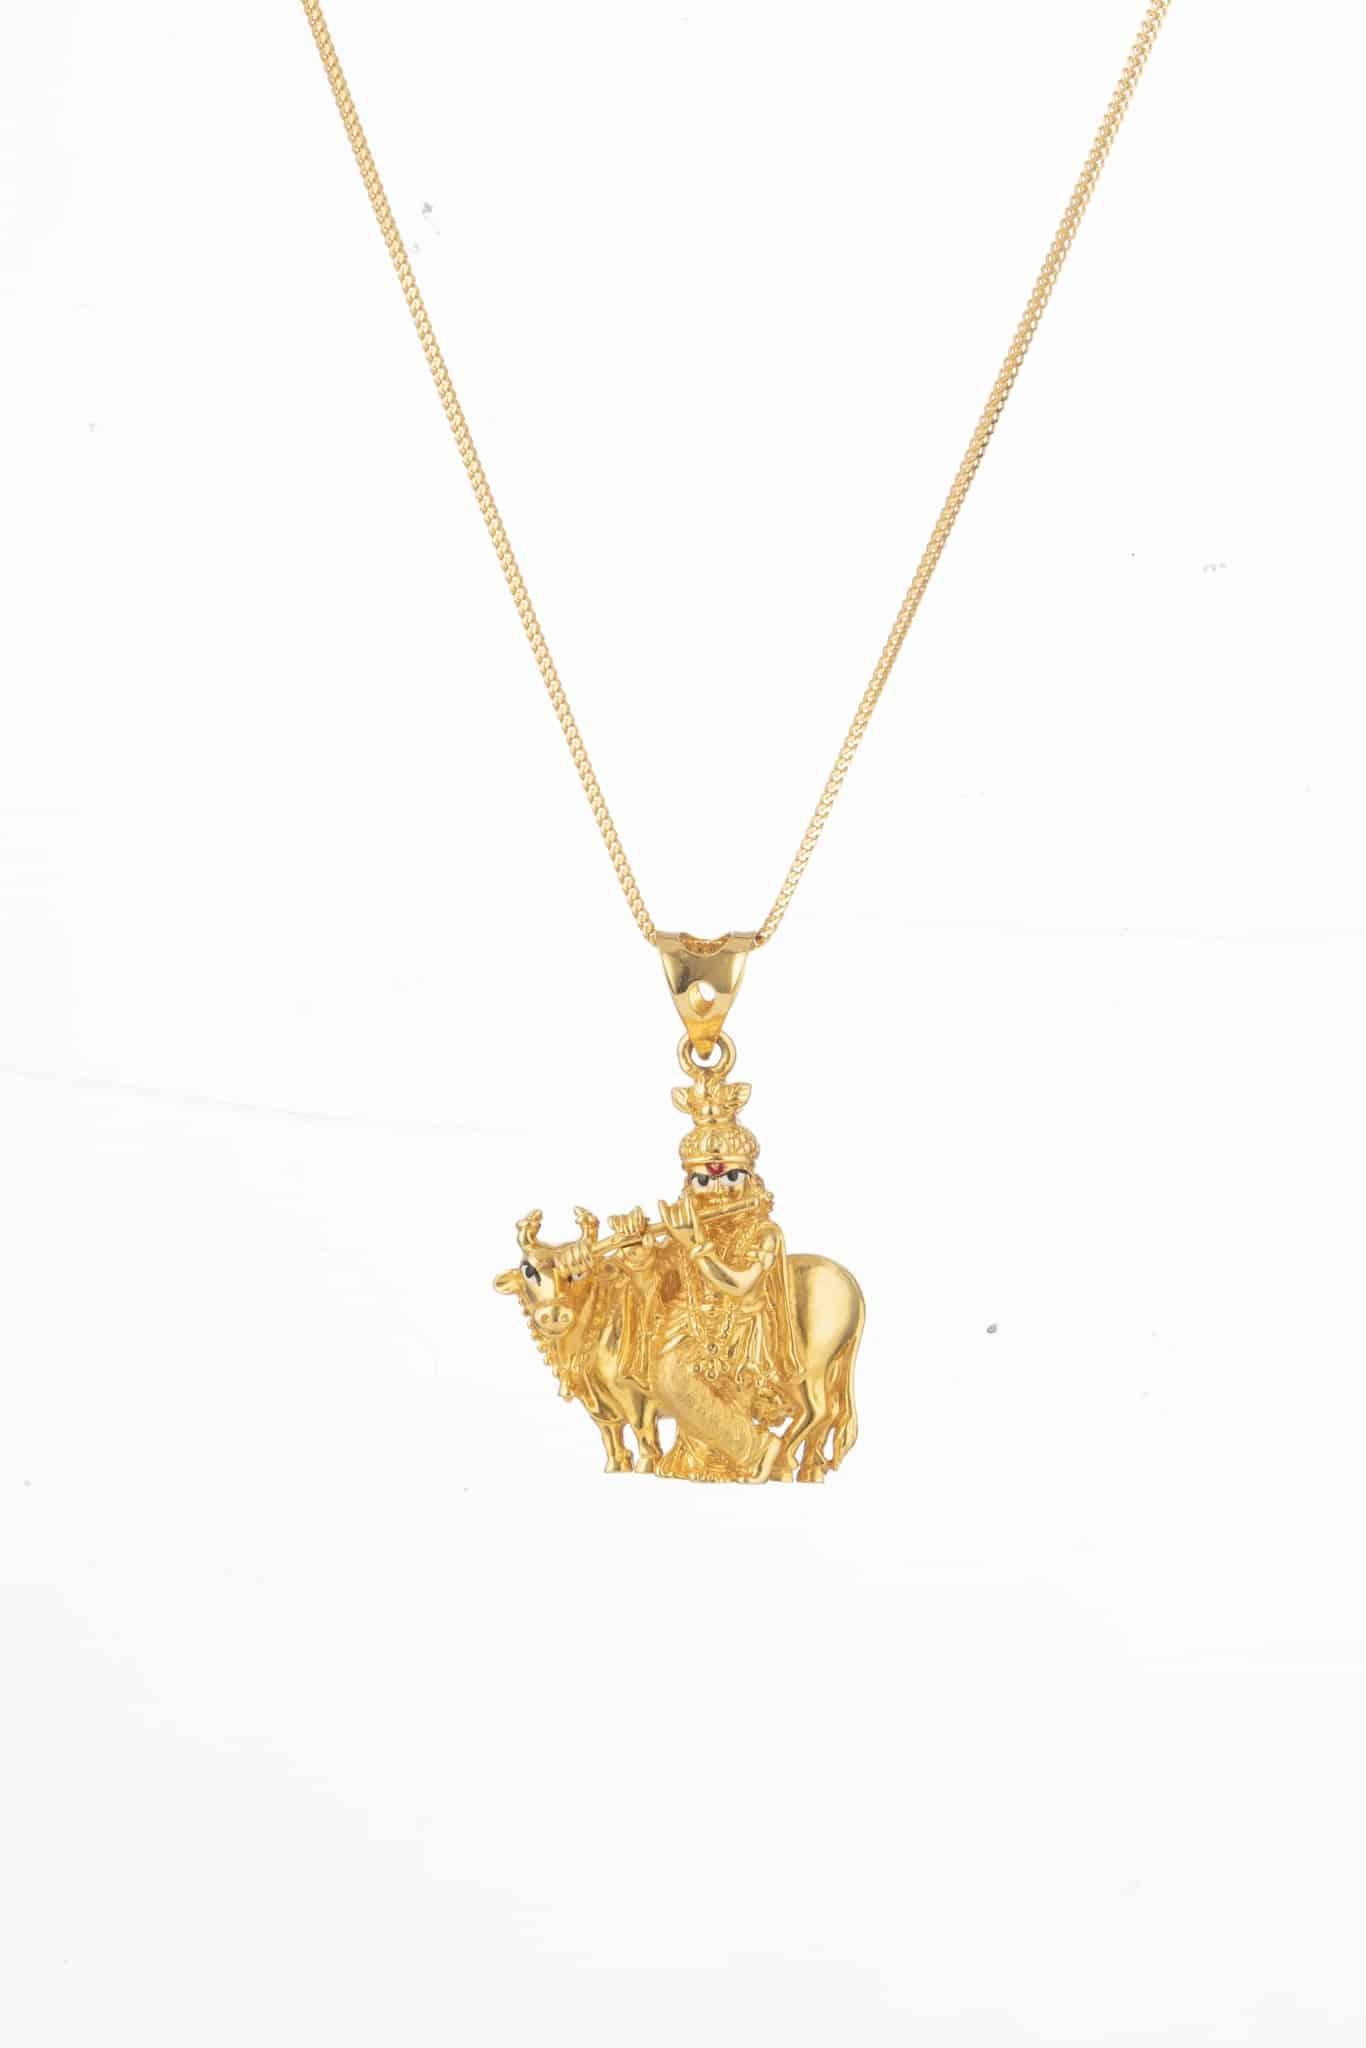 24206 - Lord Sri Krishna Gold Pendant